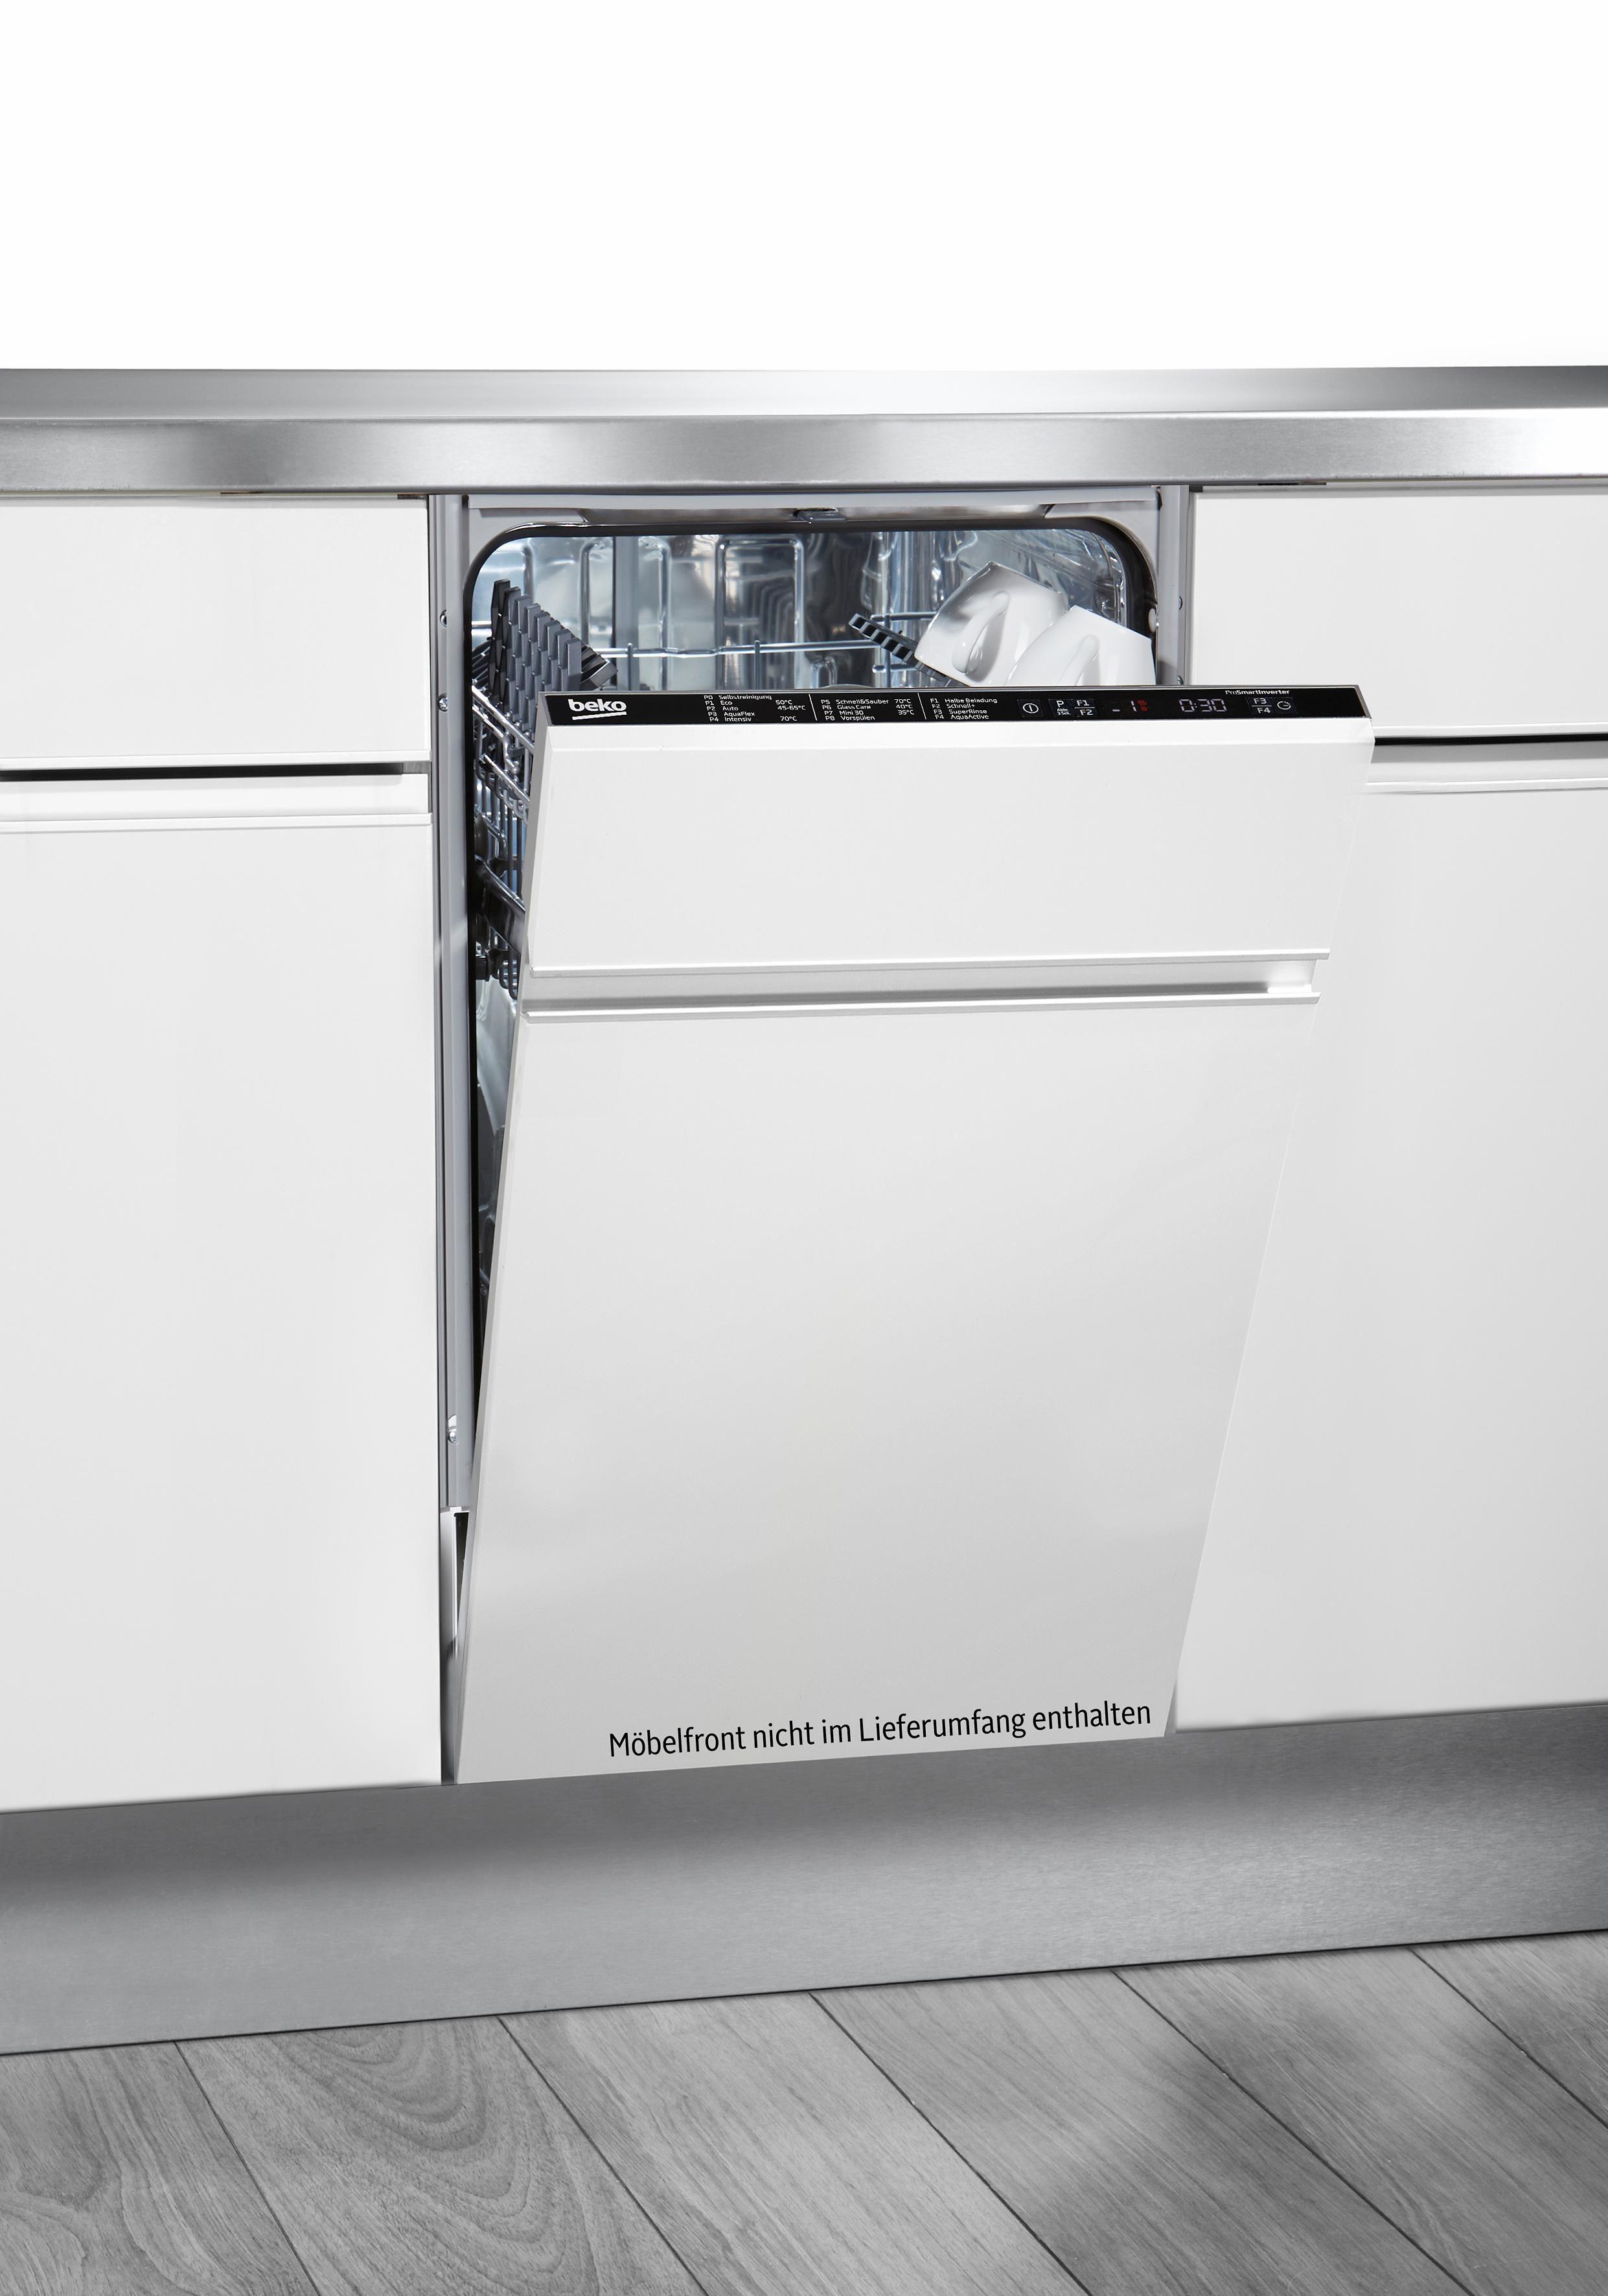 Beko Vollintegrierbarer Einbau-Geschirrspüler DIS28020, A++, 9 Liter, 10 Maßgedecke